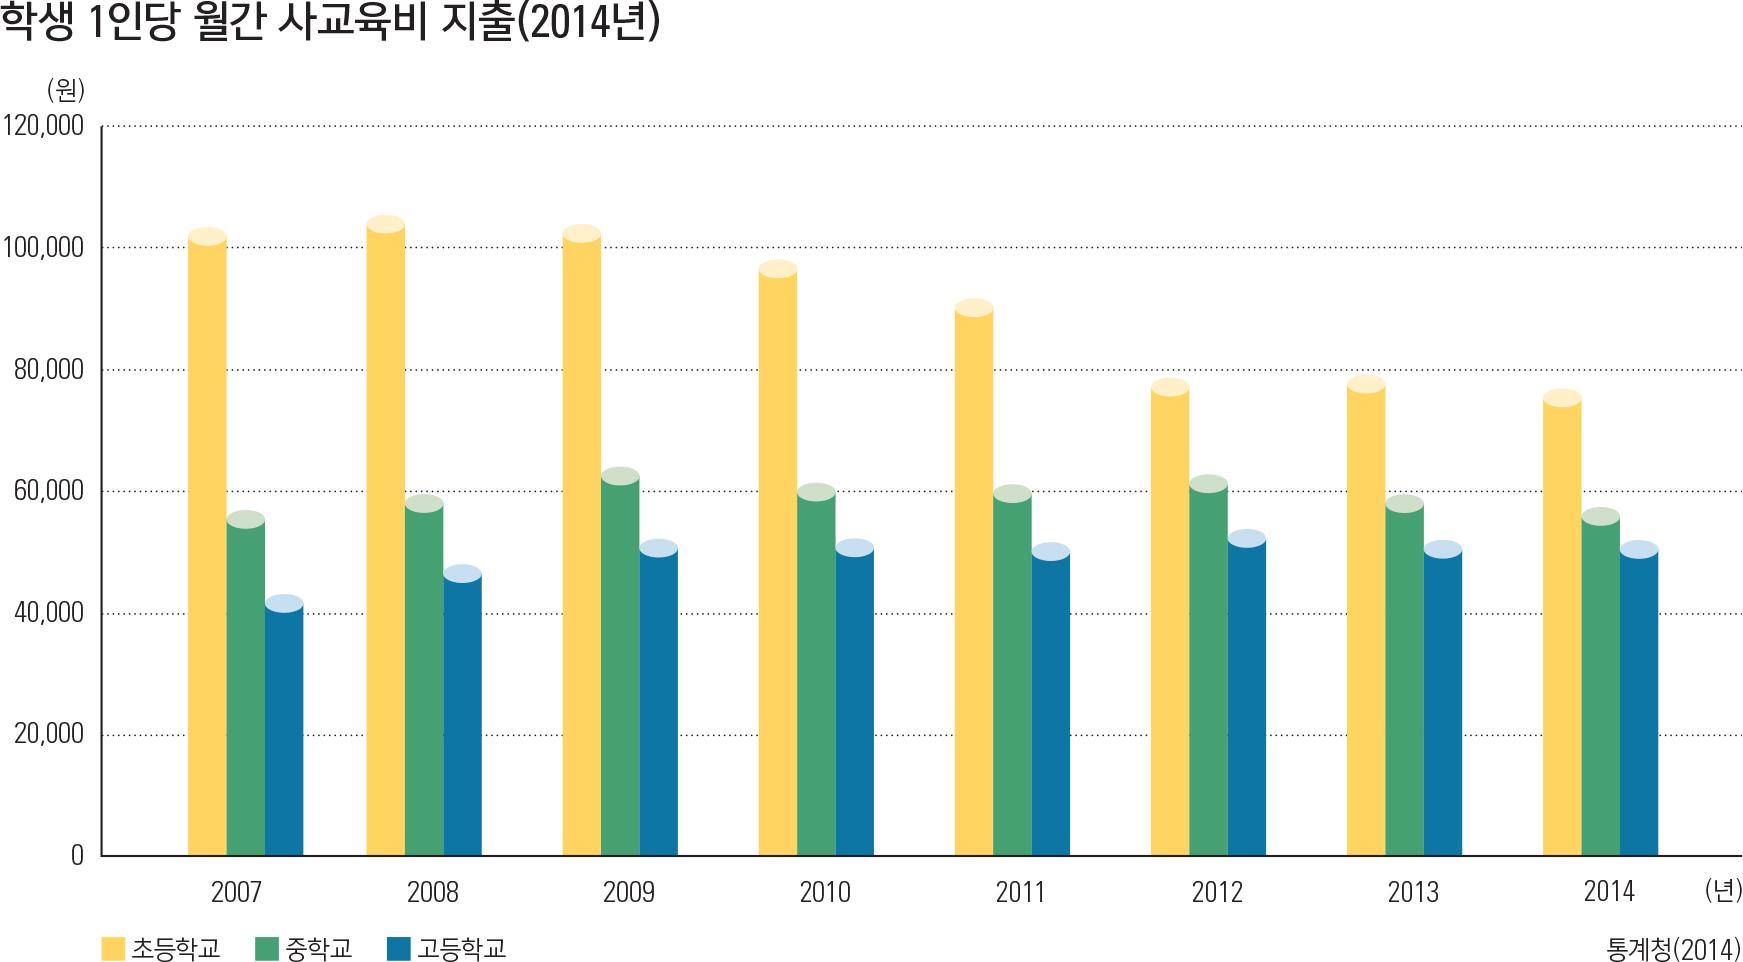 학생 1인당 월간 사교육비 지출(2014년)